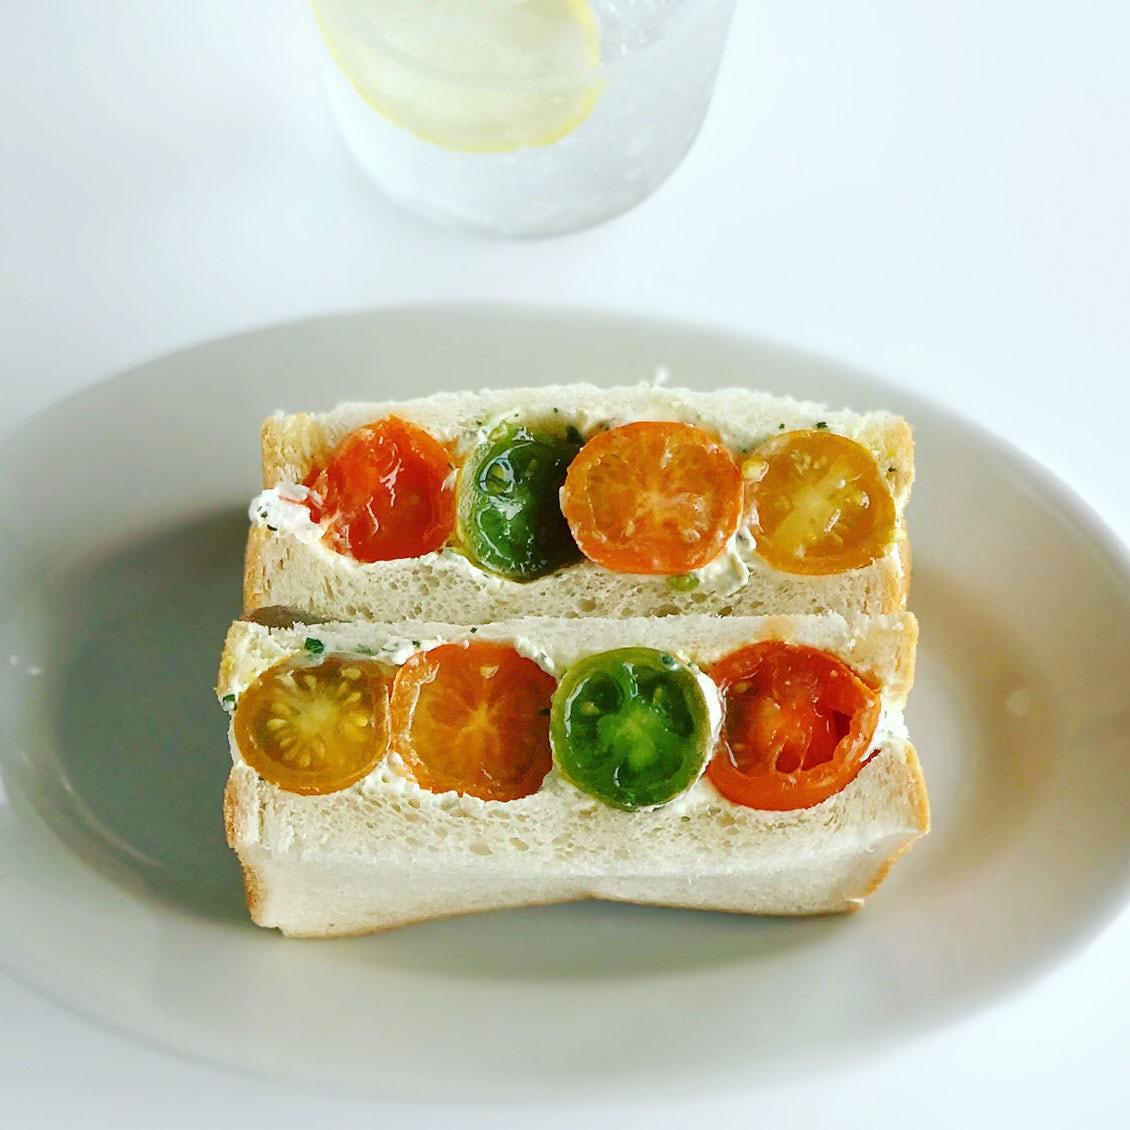 【サンドイッチも、夏コーデ】1話目:マリメッコの花柄のように。プチトマトがまるごと入った、とびきりサンドレシピ